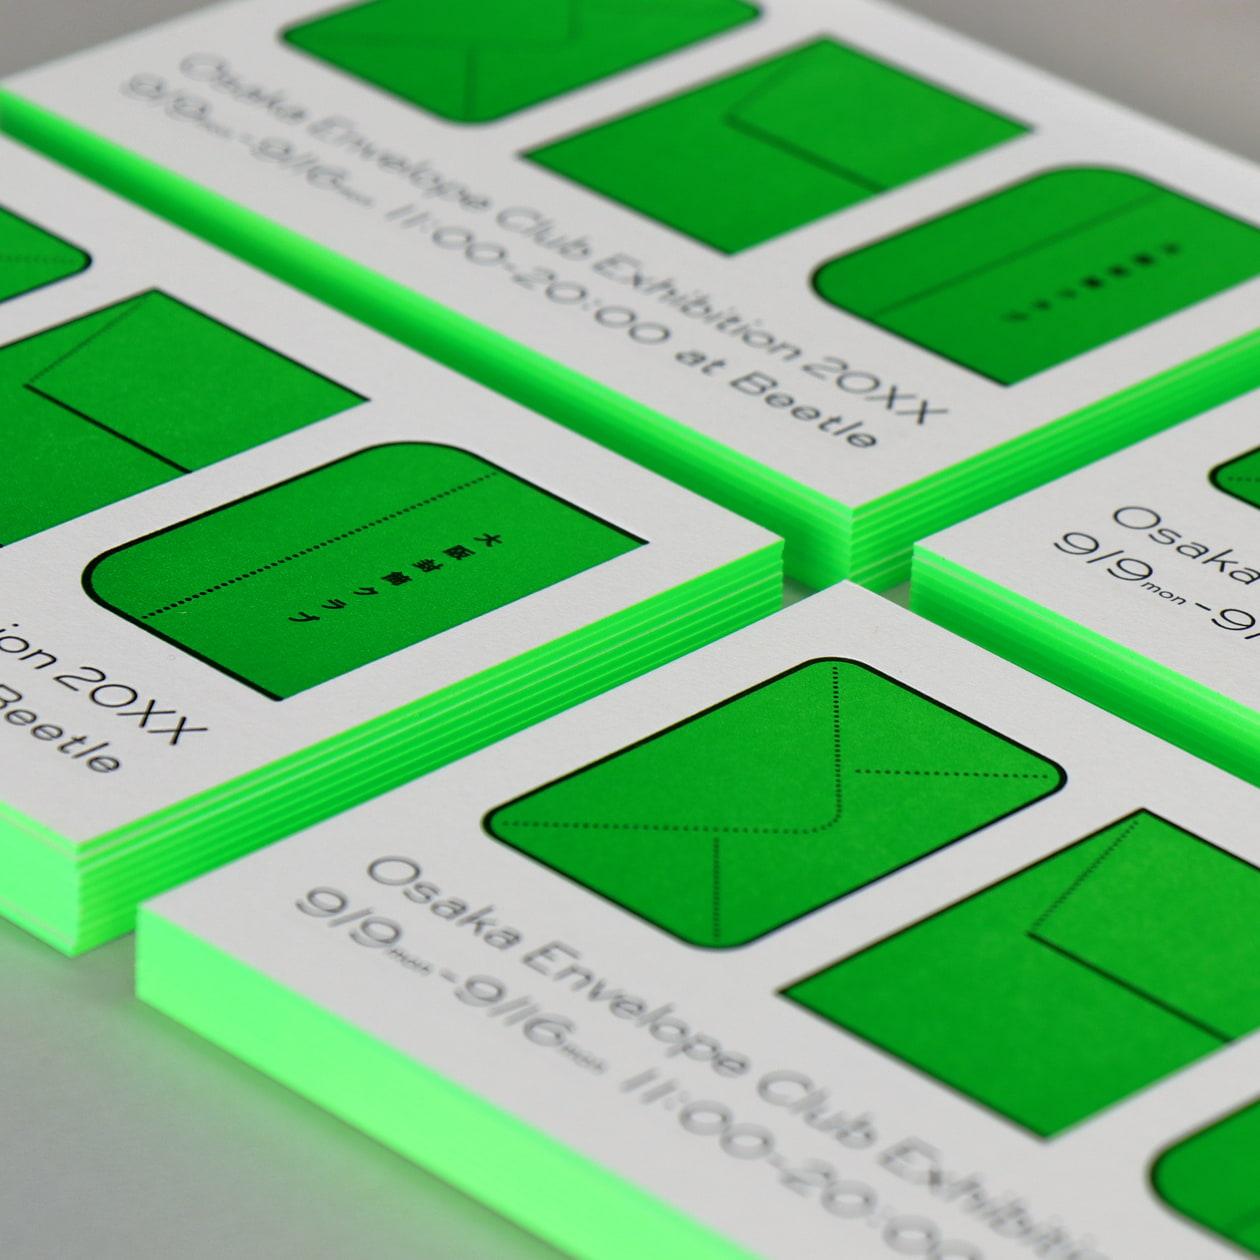 厚さ1.4mmのカード